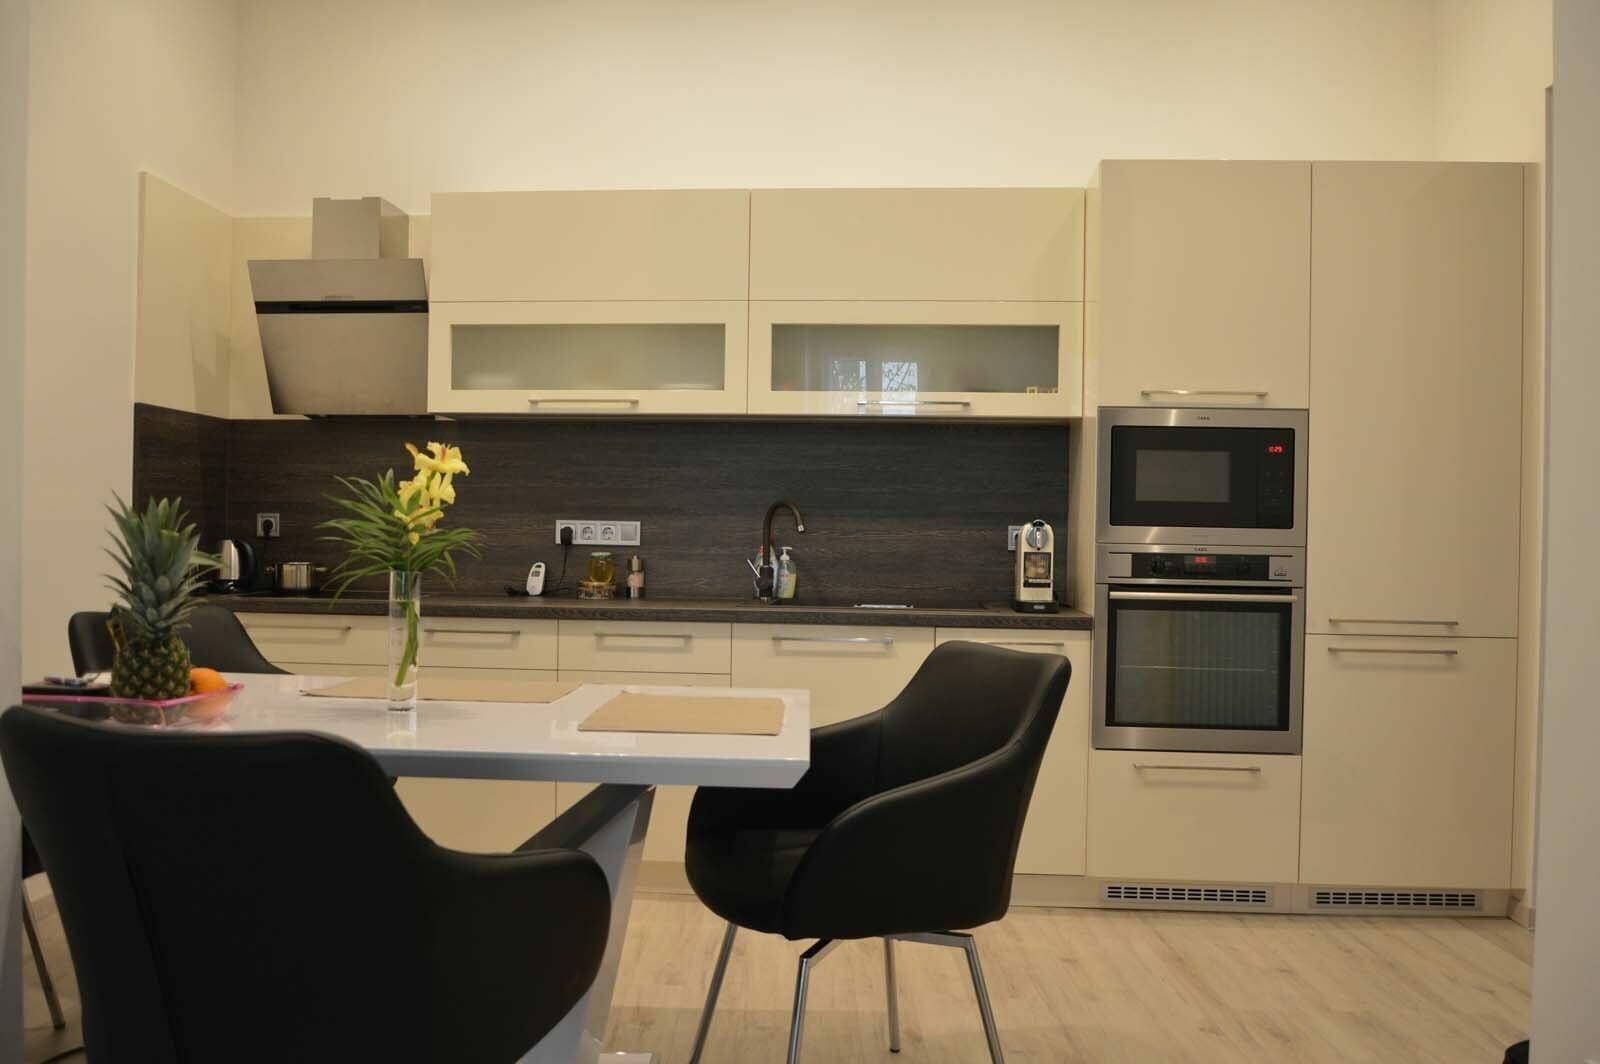 Egyedi konyhabútor készítés egyenes falra rejtett led világítással a felső elemek aljába blum aventos hf felnyíló vasalattal beépített konyhai gépekkel